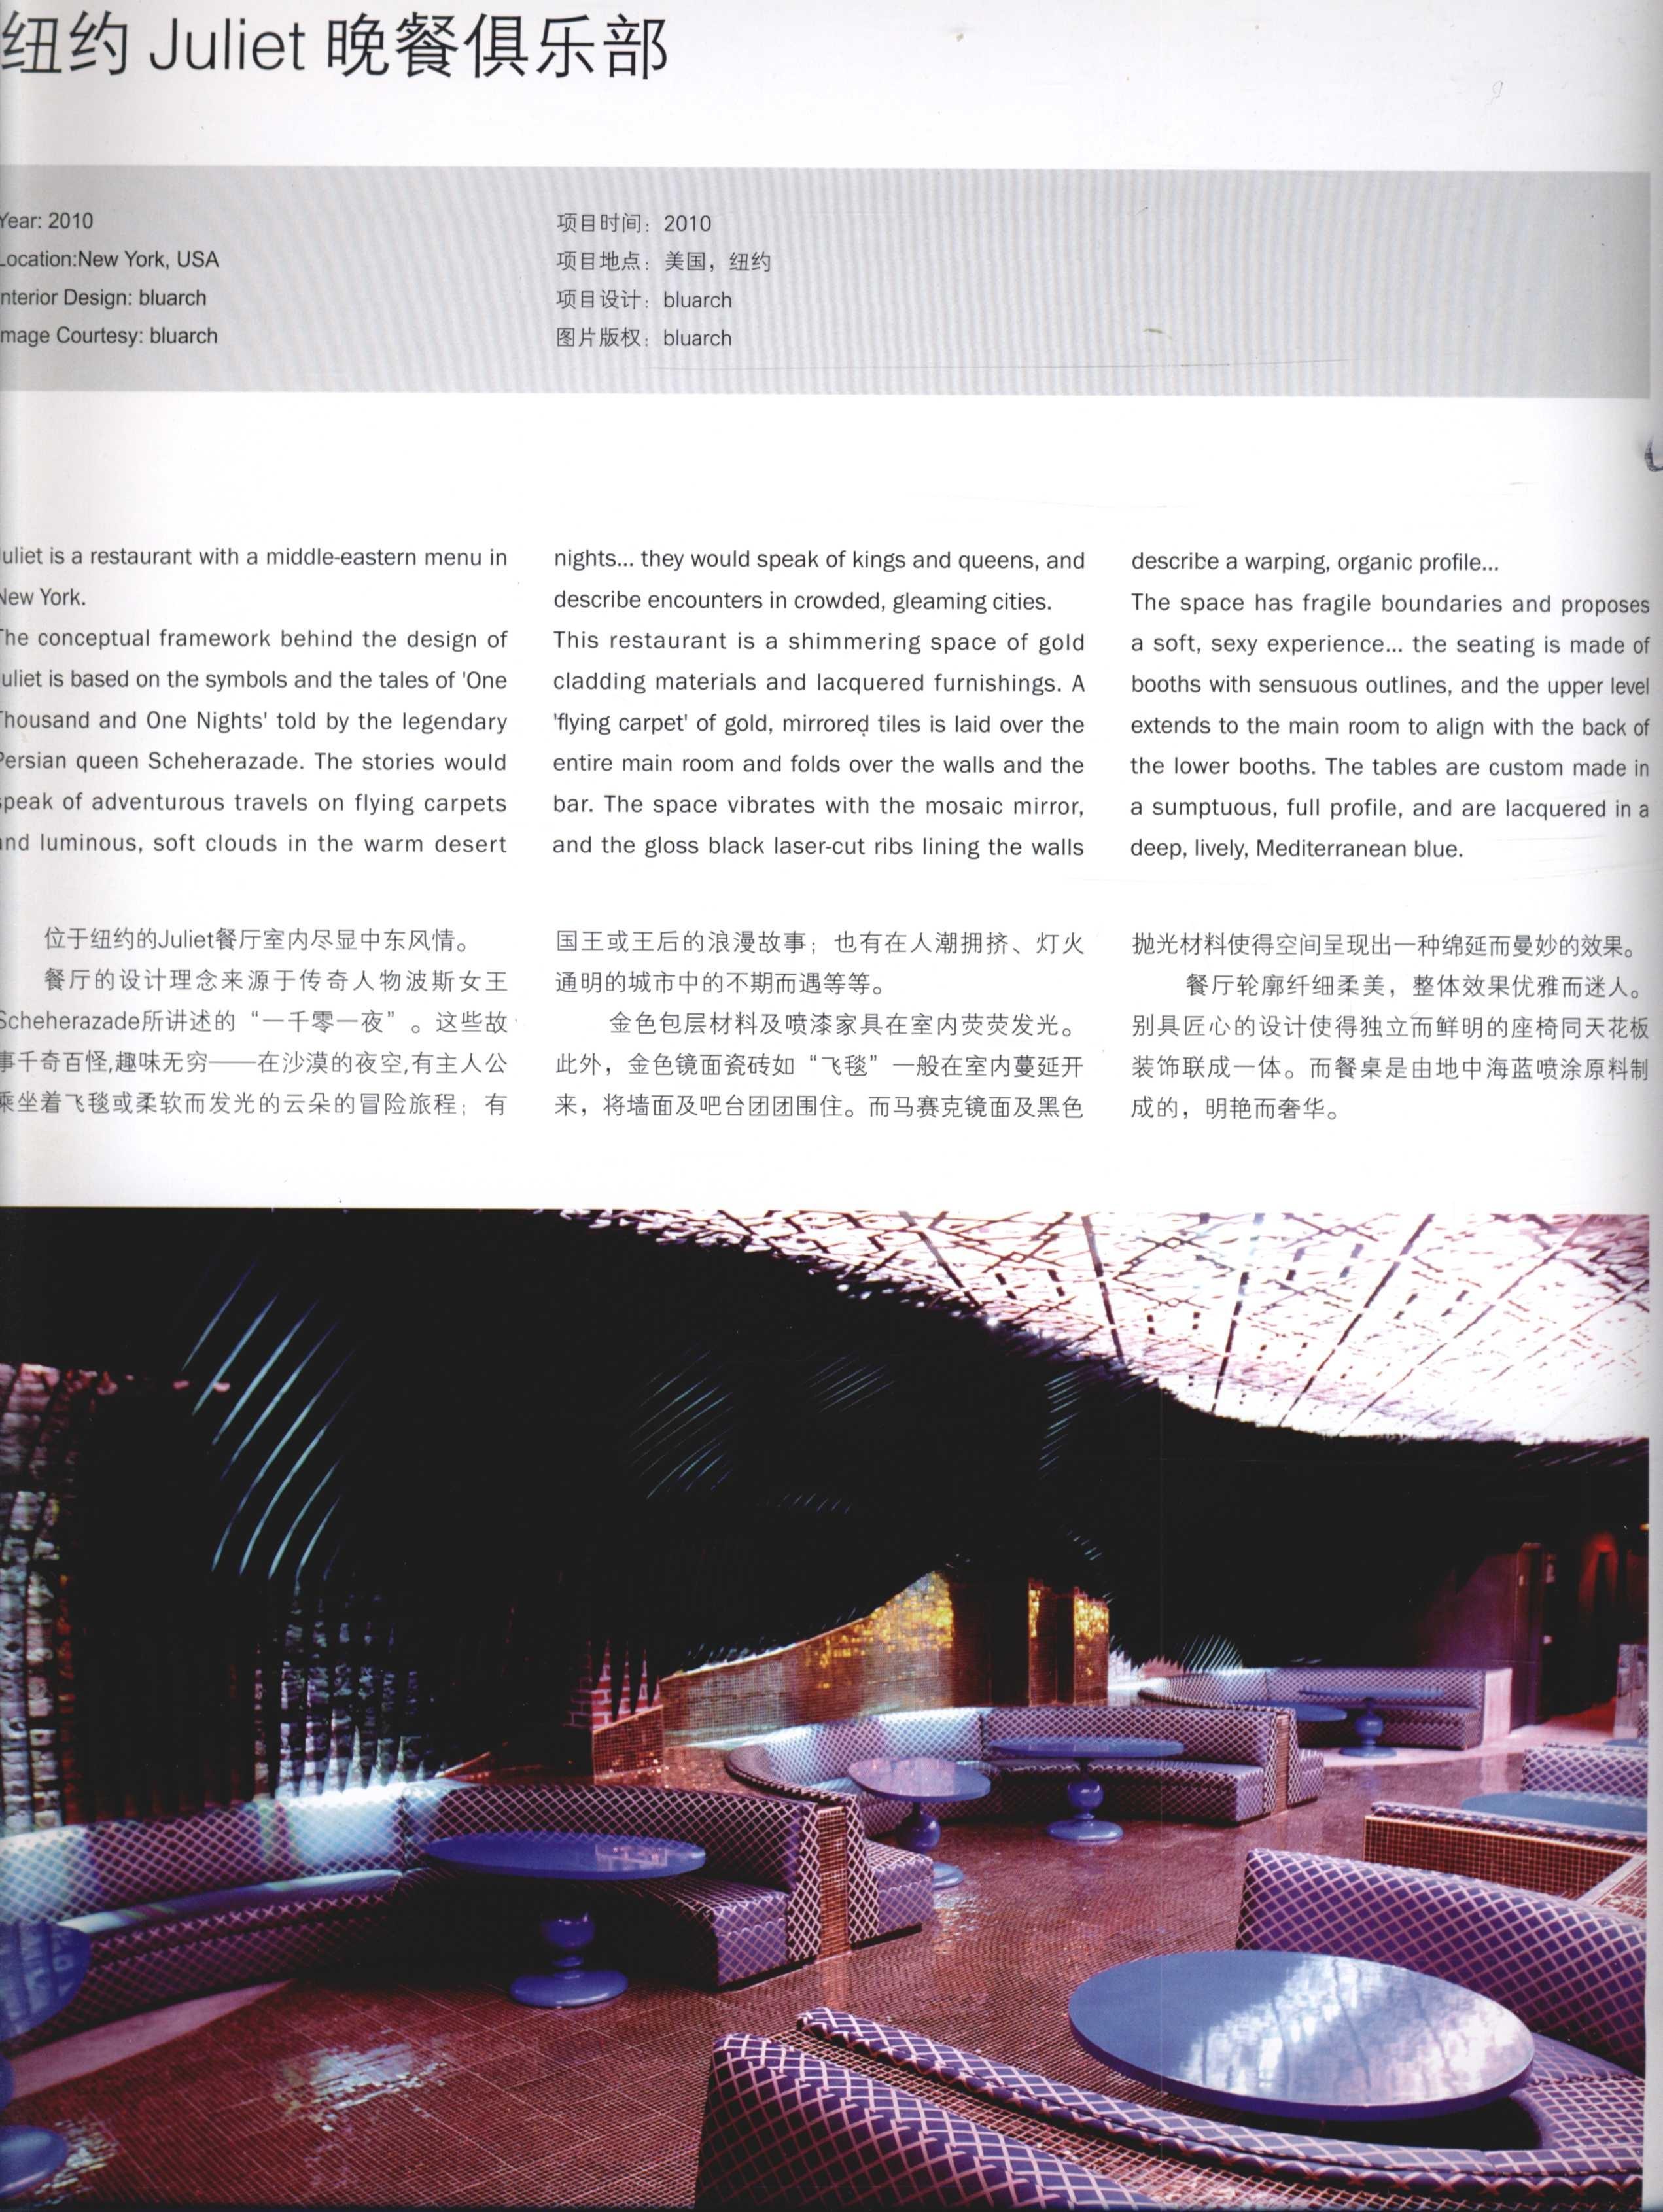 2012全球室内设计年鉴  餐饮_Page_060.jpg